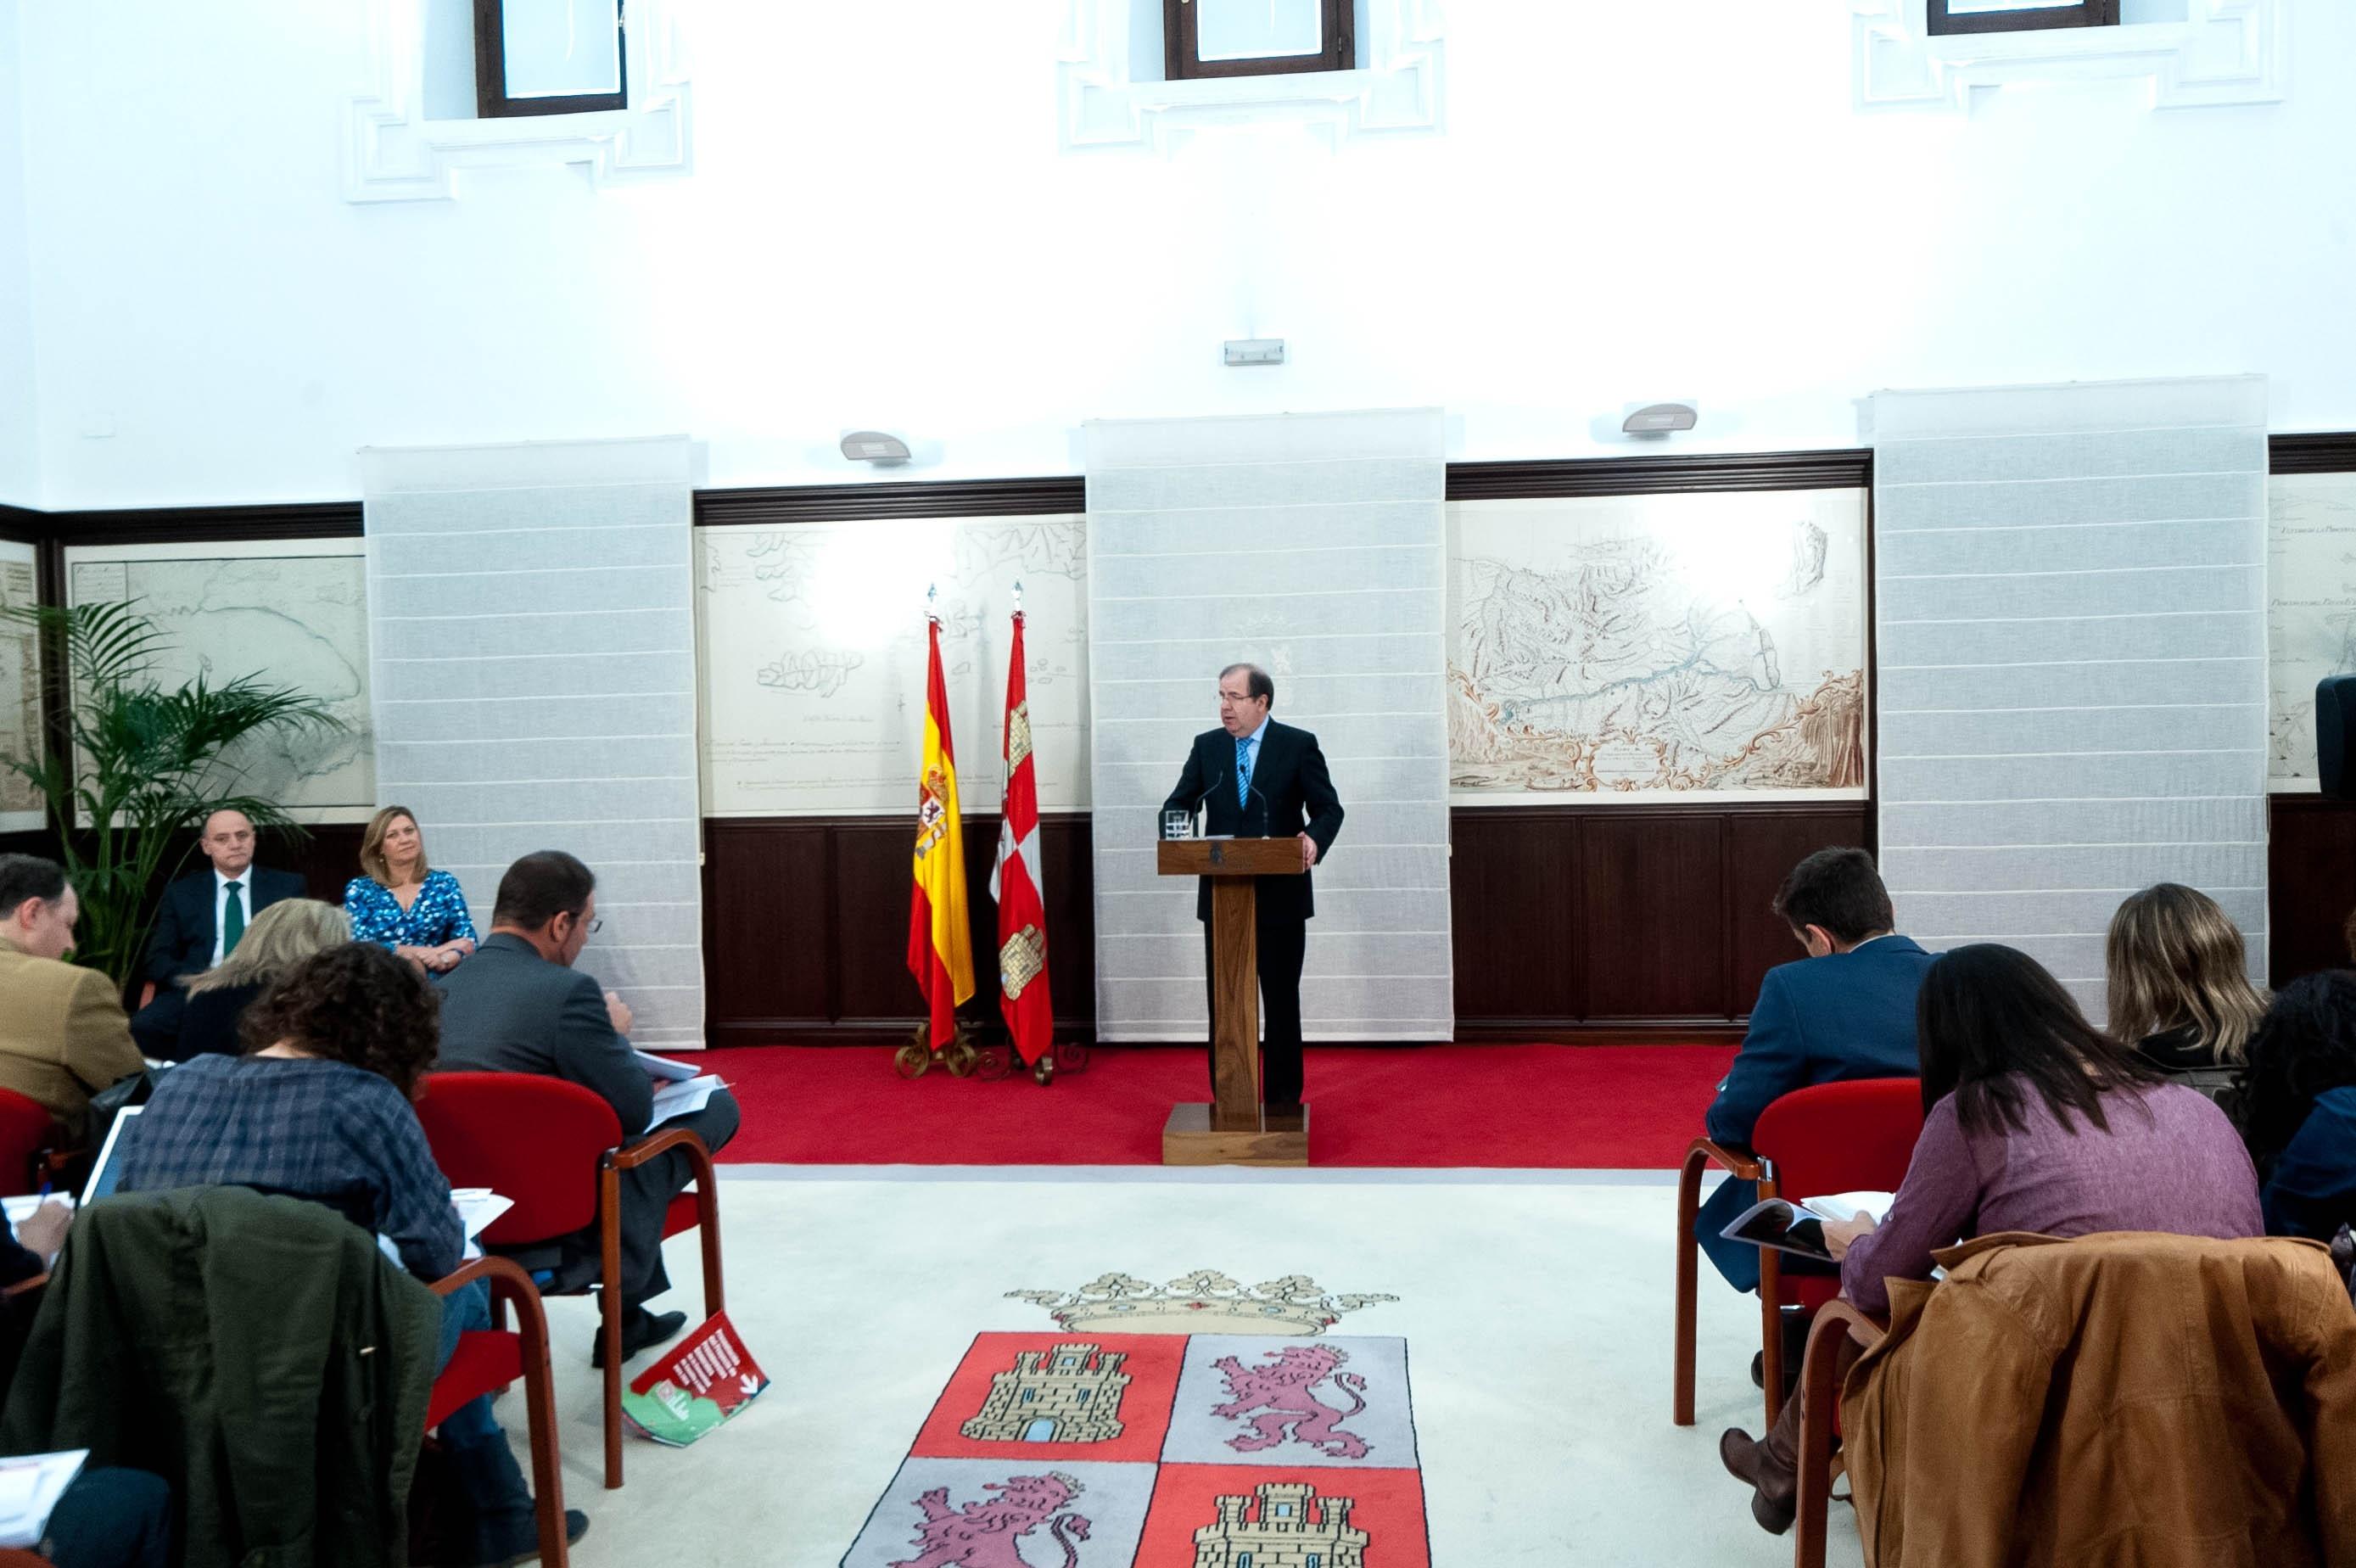 Herrera asegura que el impuesto sobre hidrocarburos ha cumplido su objetivo y justifica su mantenimiento